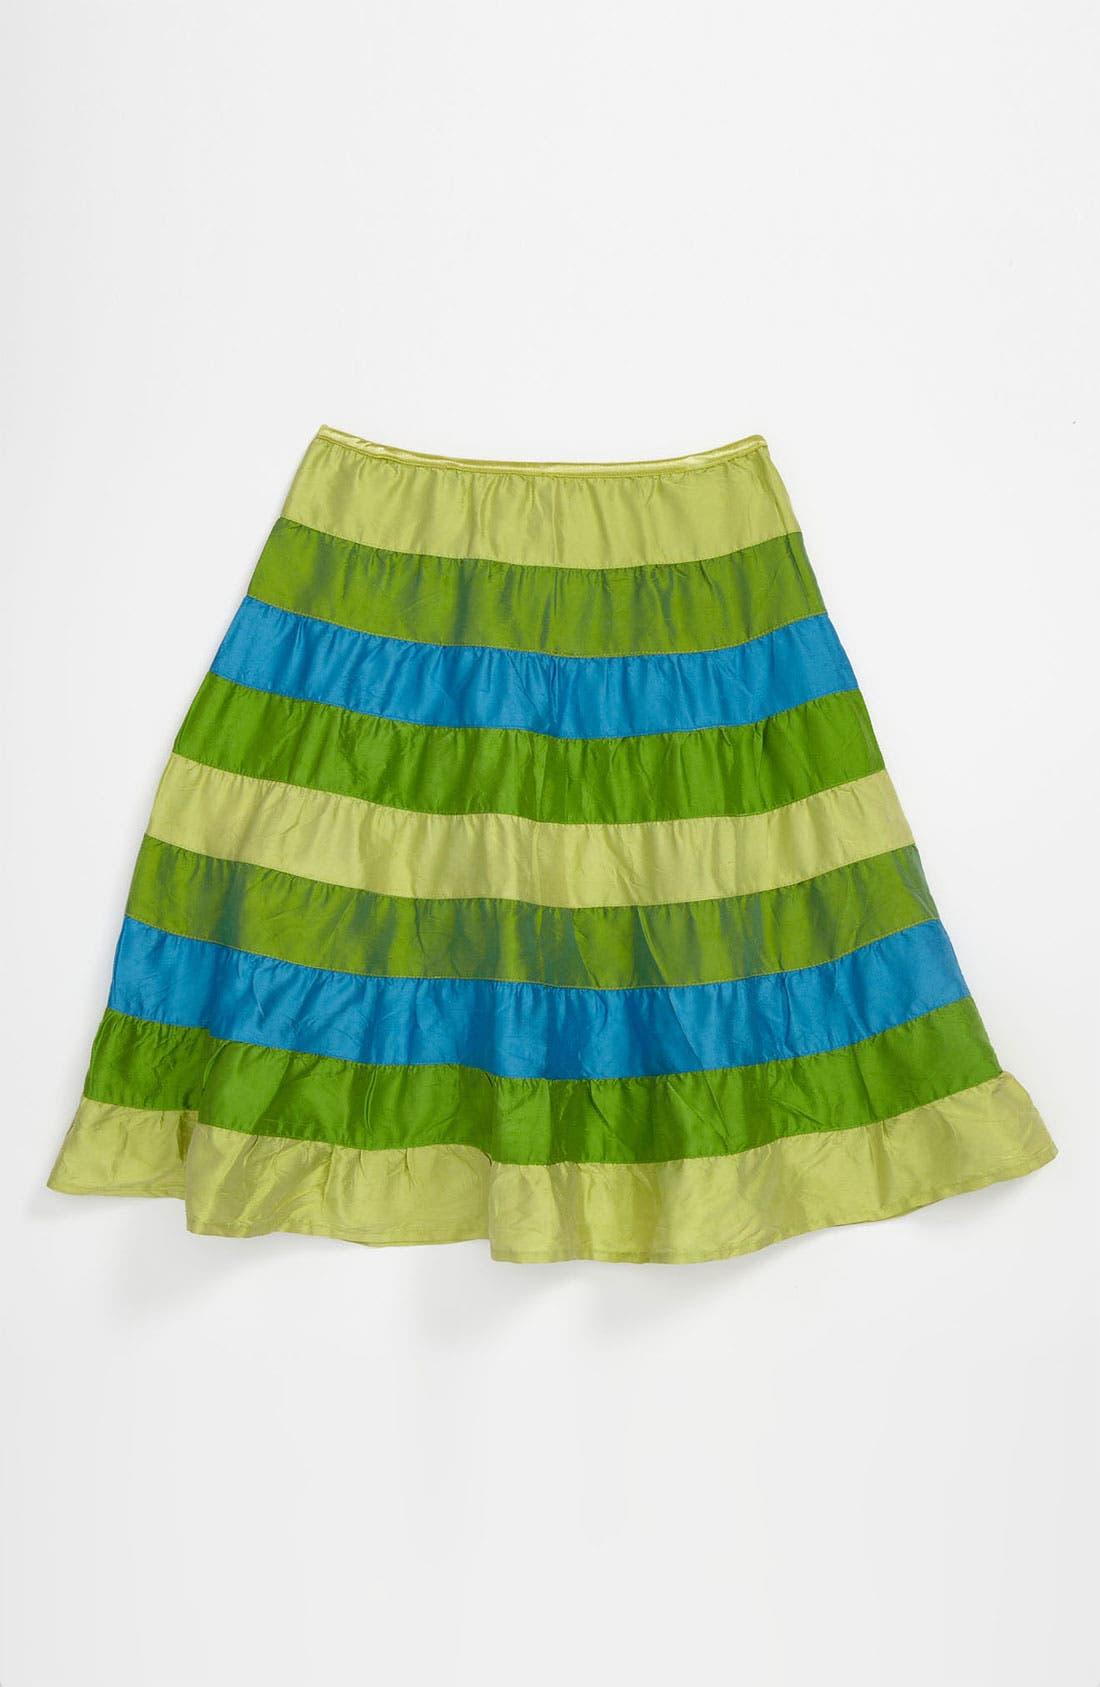 Main Image - Peek 'Belle of the Ball' Skirt (Toddler, Little Girls & Big Girls)